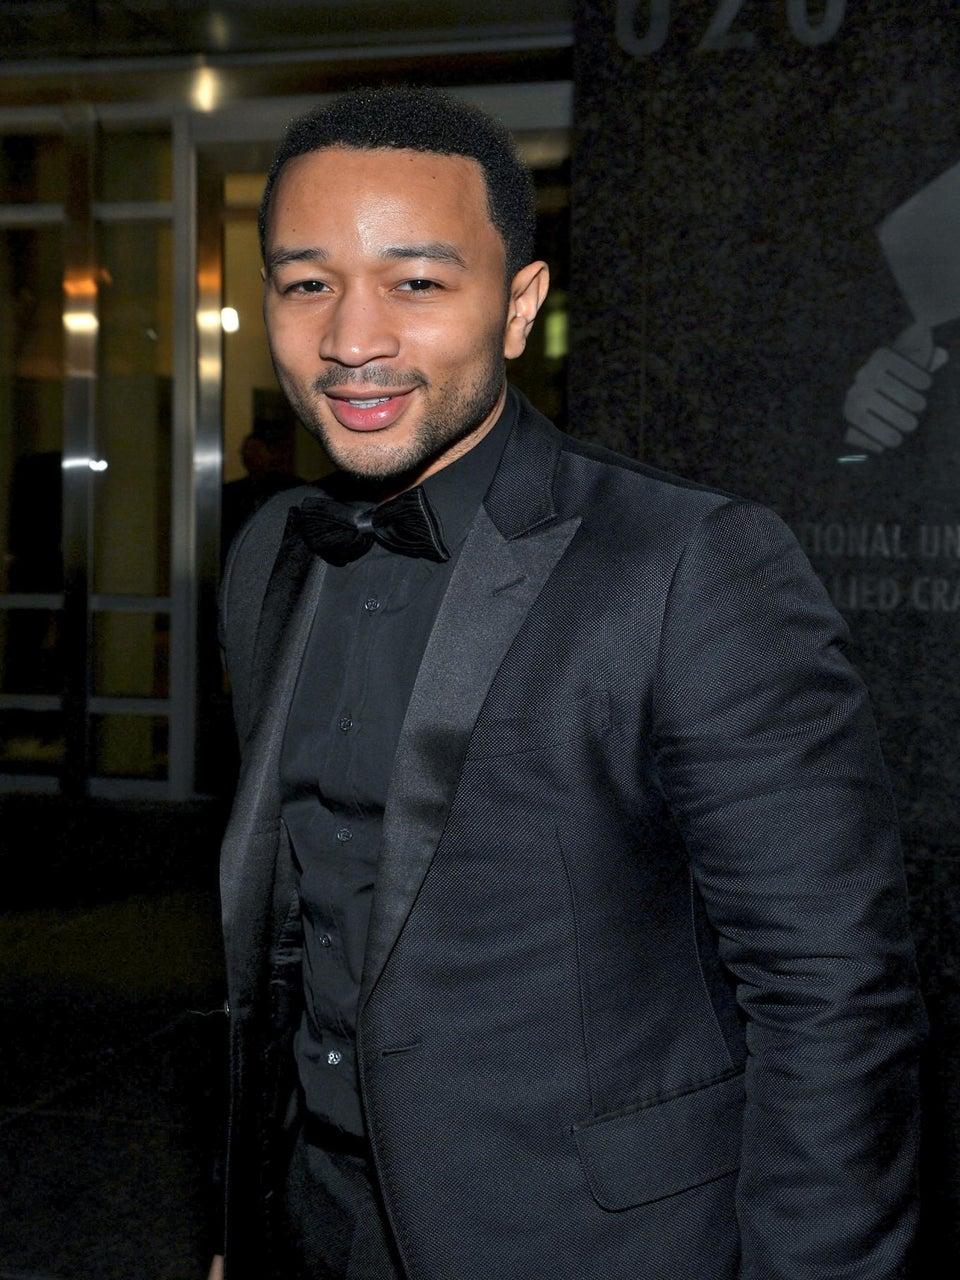 Must-Listen: Hear John Legend's New Song 'The Beginning'